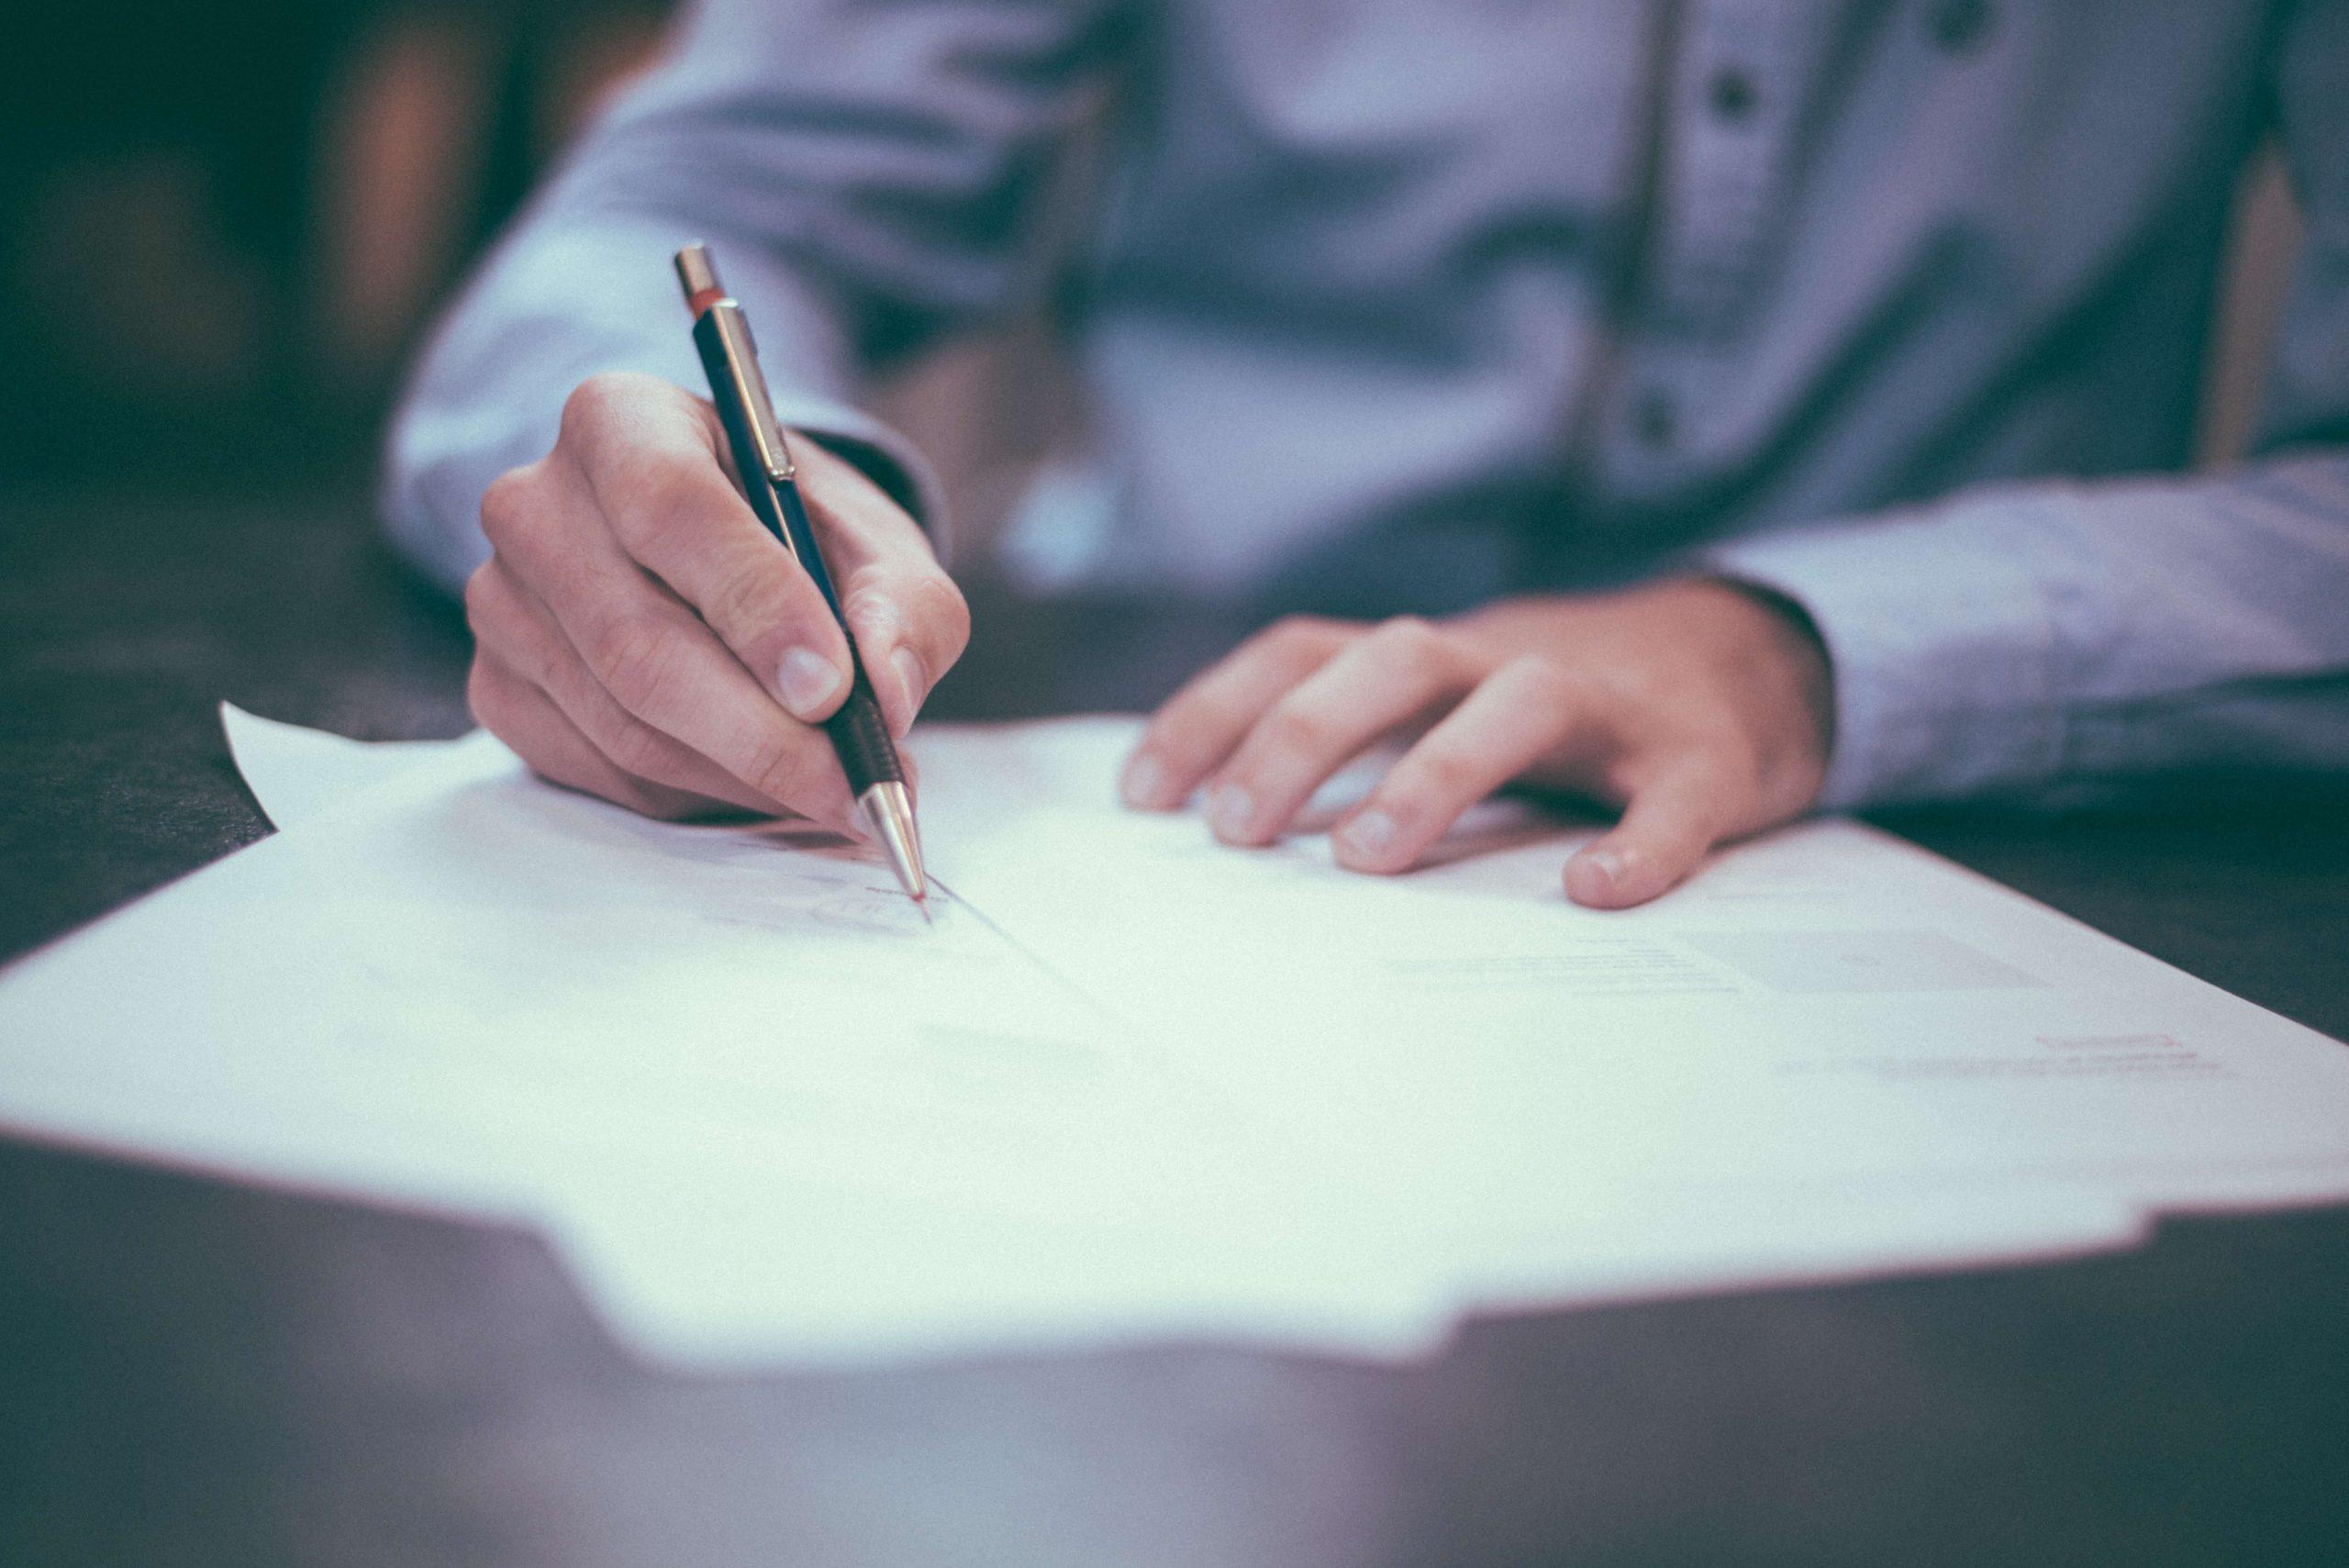 Preparando la sentencia, perdón: Preparando la demanda